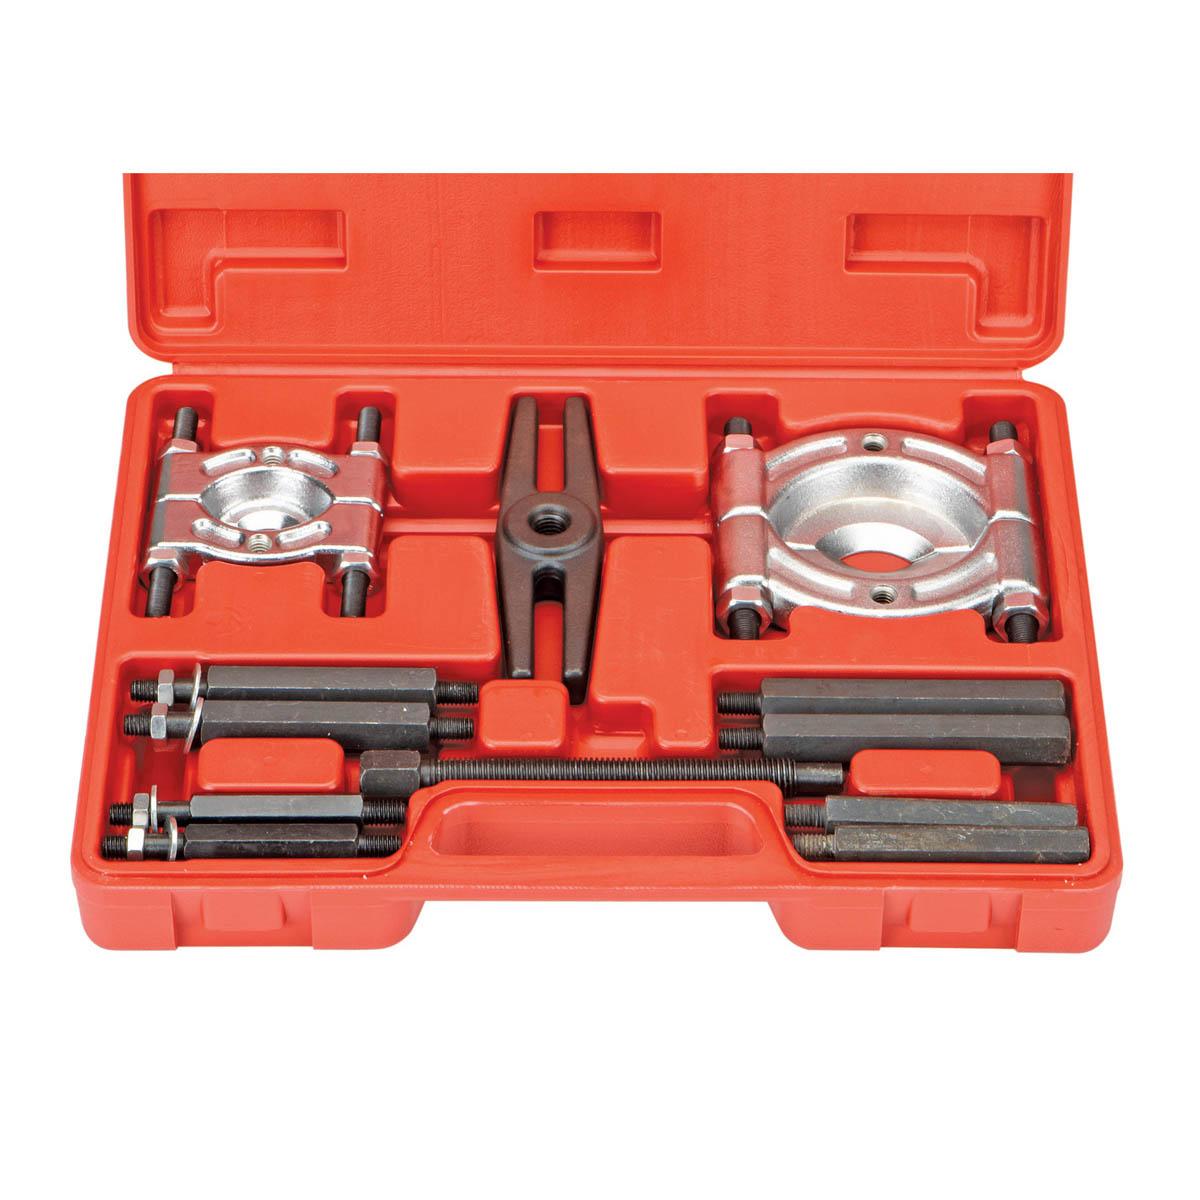 Generator Bearing Puller : Bearing separator and puller set